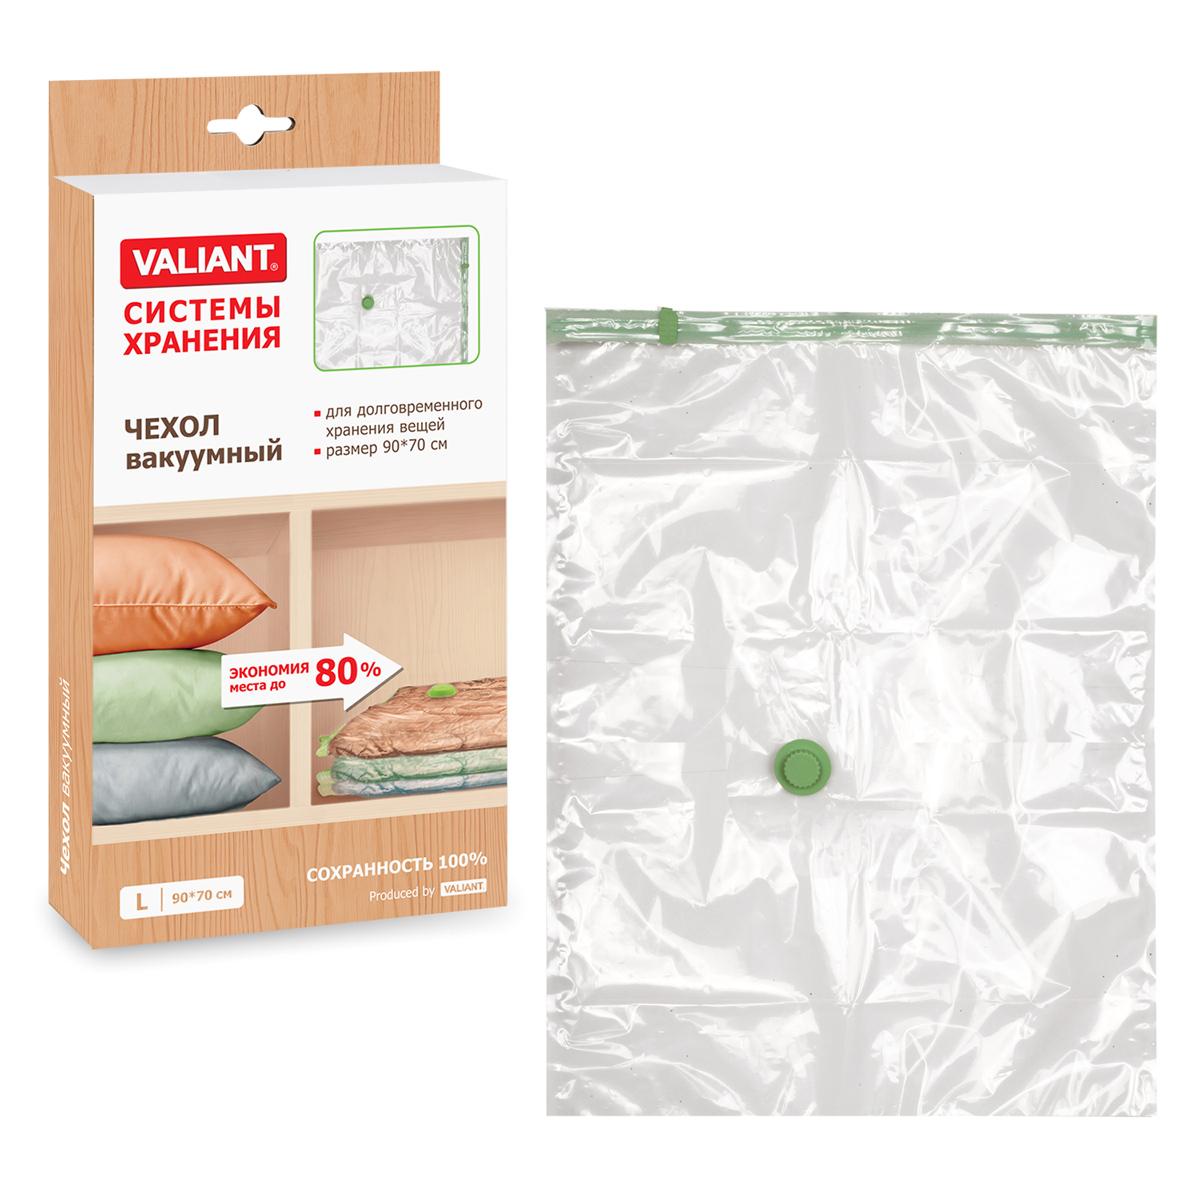 Чехол для вакуумного хранения Valiant, 90 см х 70 смM97Чехол для вакуумного хранения Valiant поможет существенно сэкономить место в шкафу. Вещи сжимаются в объеме на 80%, полностью сохраняя свое качество. Хранить их можно в течение целого сезона (осенью и зимой - летний гардероб, летом - зимние свитера, шарфы, теплые одеяла). Чехол также защитит вещи от любых повреждений - влаги, пыли, пятен, плесени, моли и других насекомых, а также от обесцвечивания, запахов и бактерий. Откачать воздух можно любым стандартным пылесосом (отверстие клапана 27 мм) за 30 секунд. Чехол закрывается на замок zip-lock. Не подходит для изделий из меха и кожи.